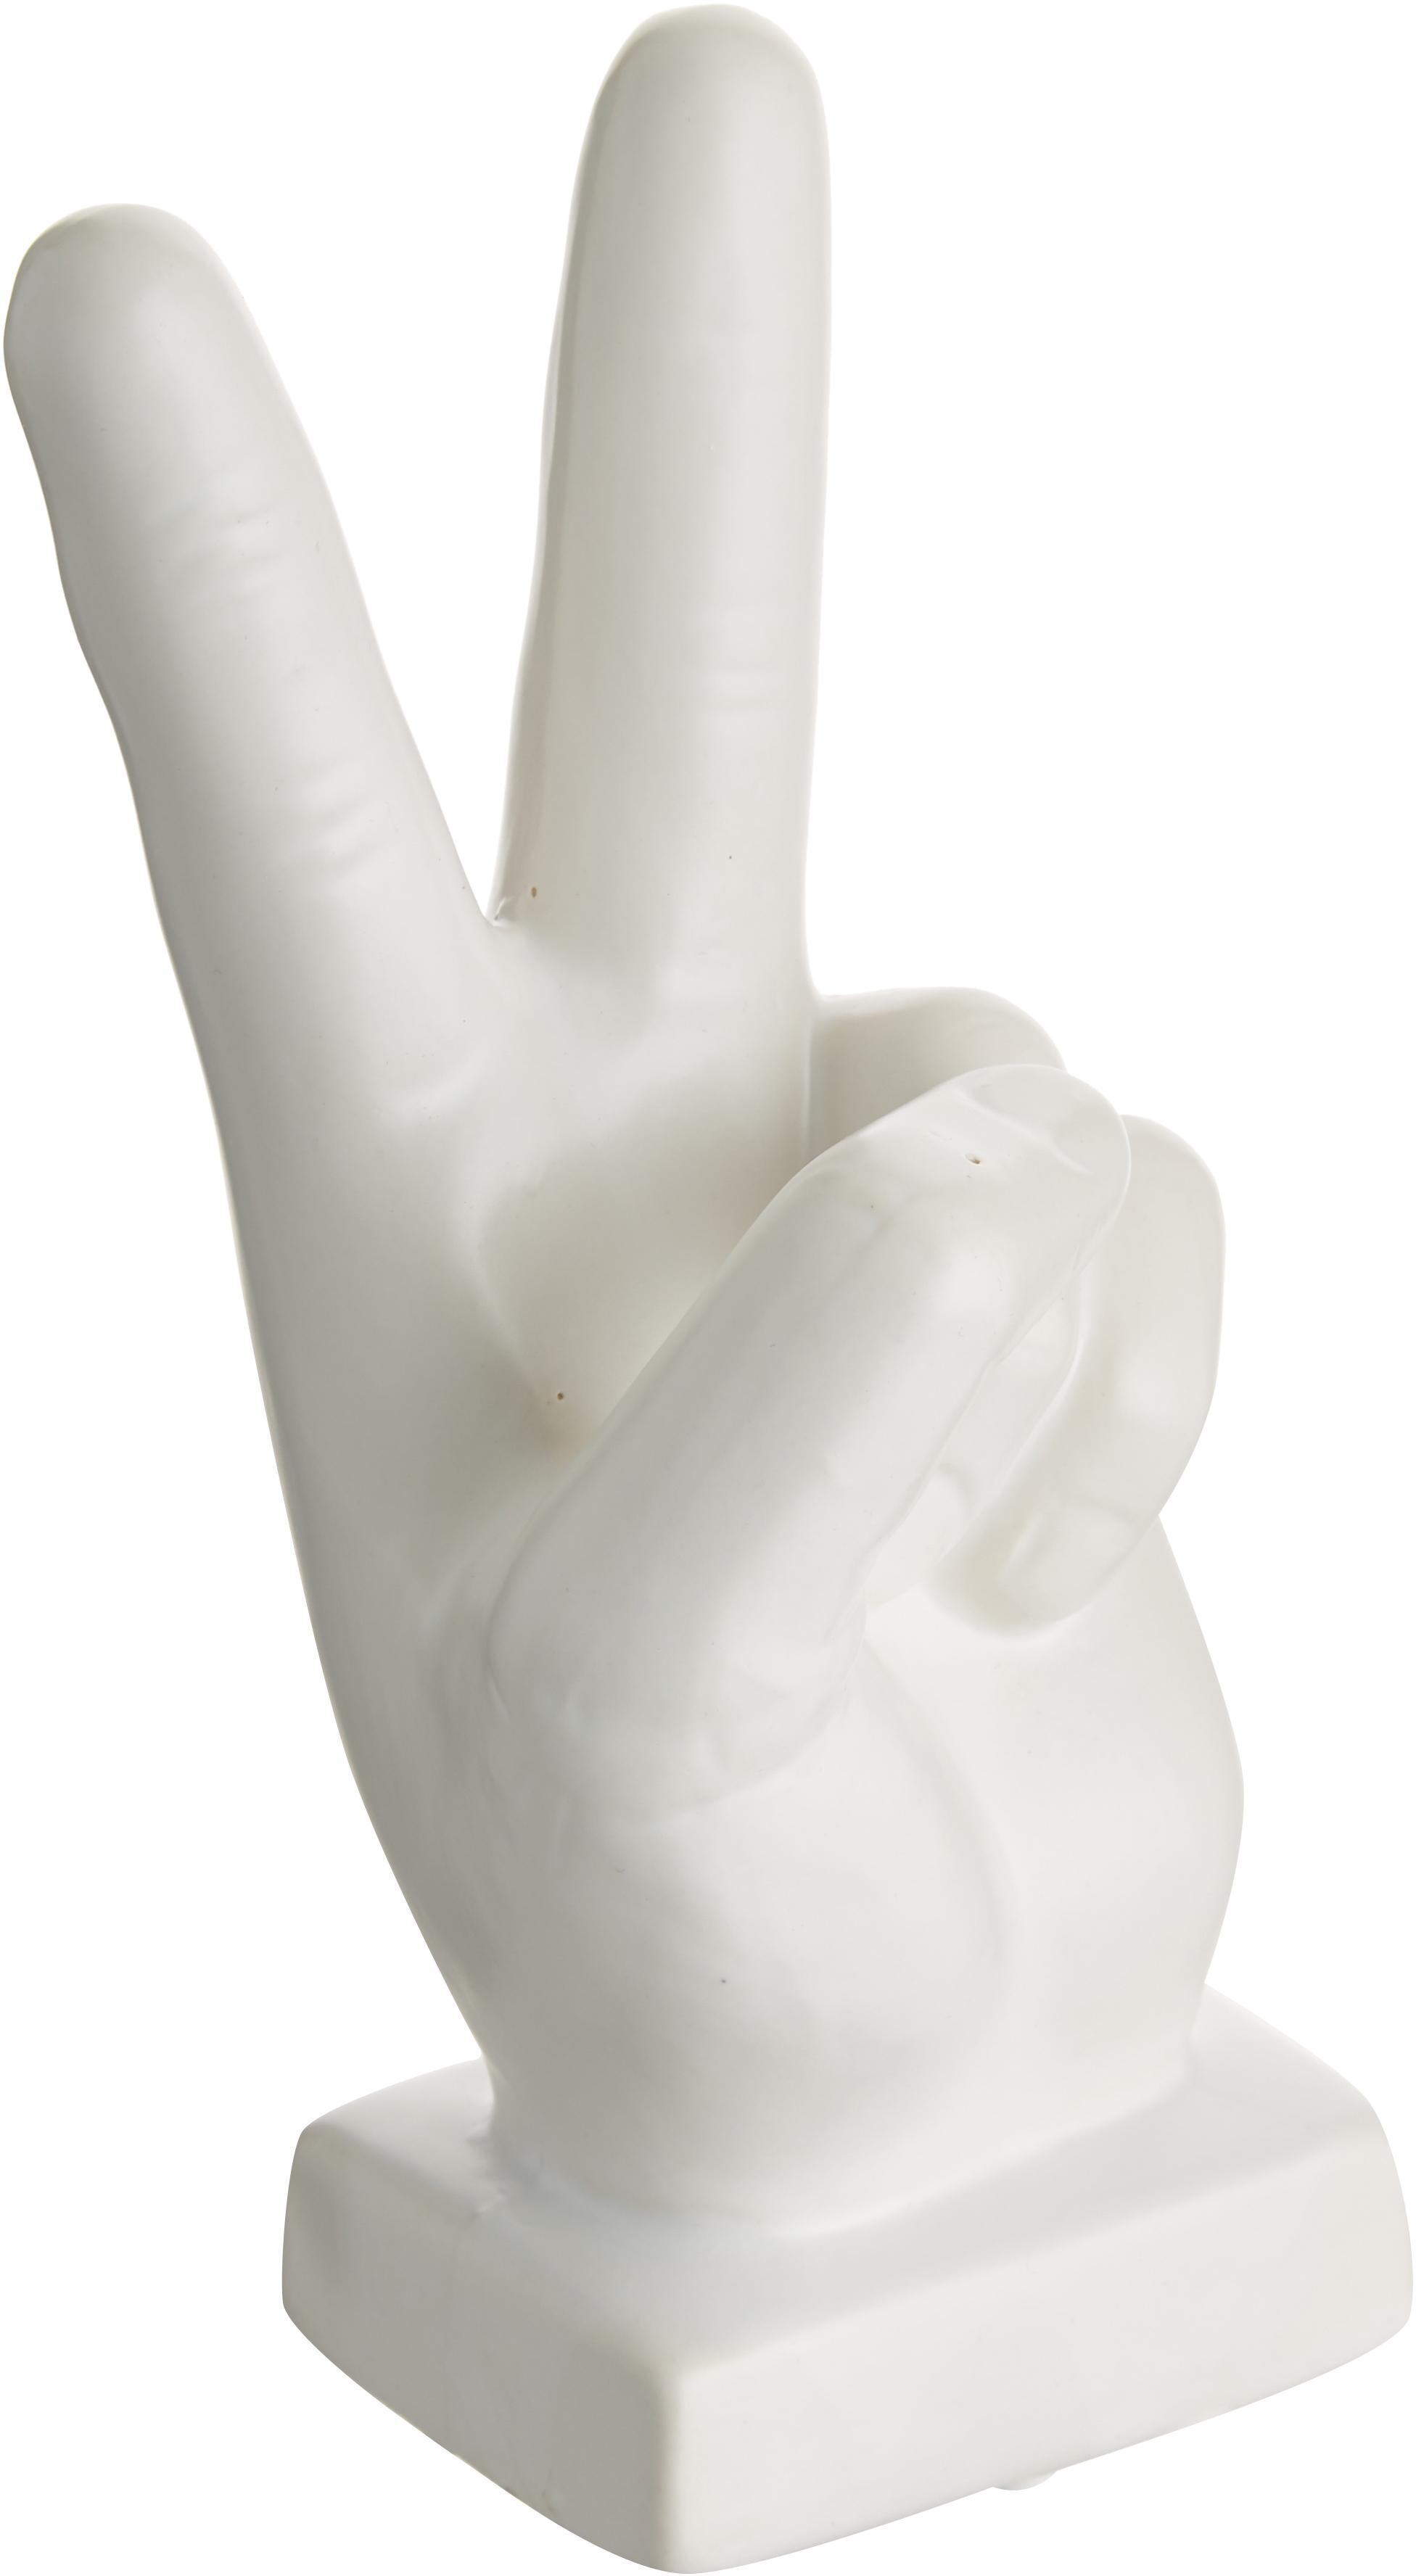 Figura decorativa Hand, Gres, Blanco, An 10 x Al 22 cm